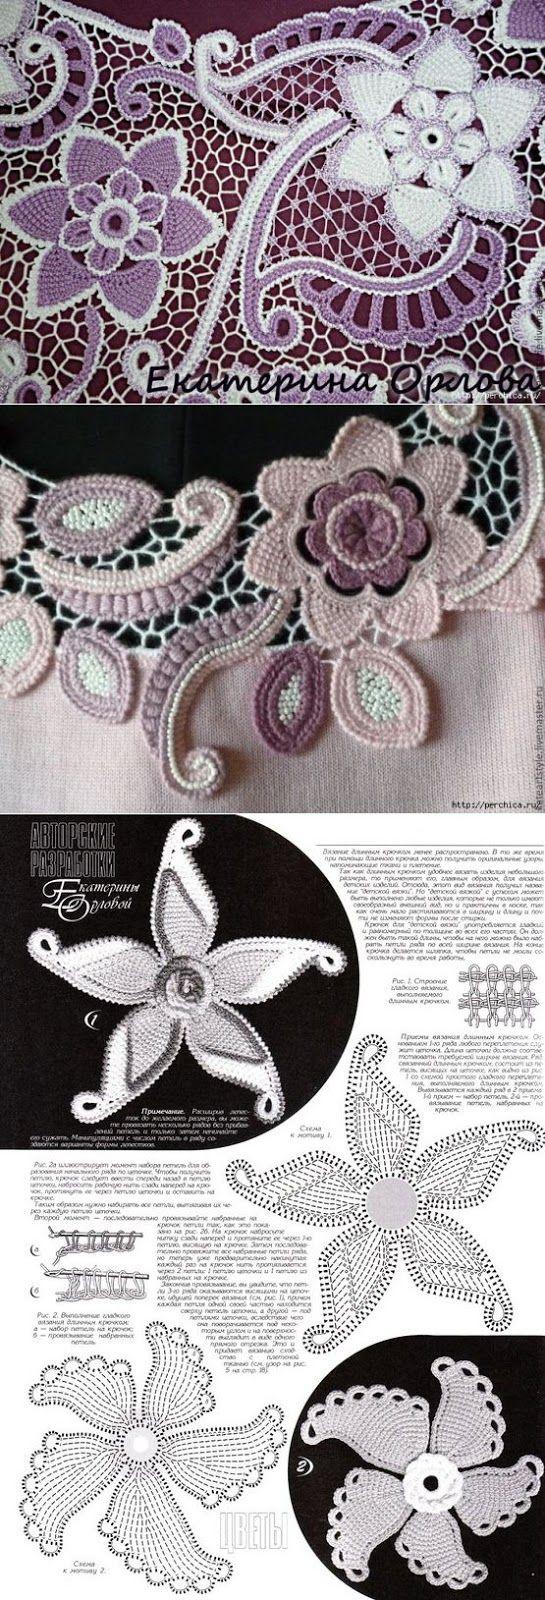 Irish crochet lace motifs patterns